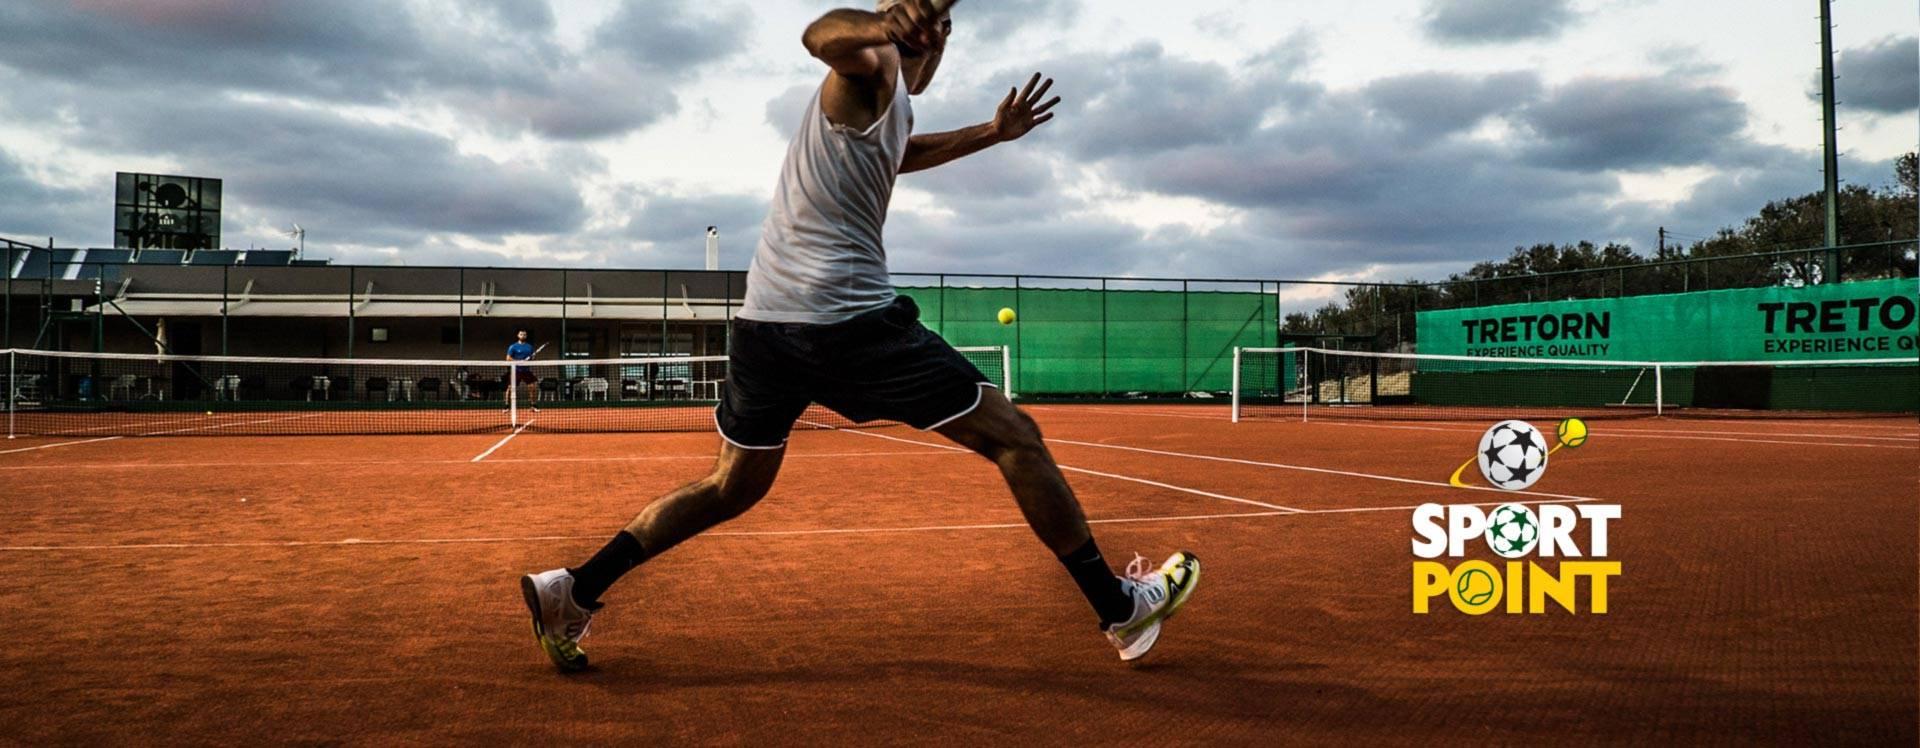 tennis-good-position-sportpoint-wide3.jpg